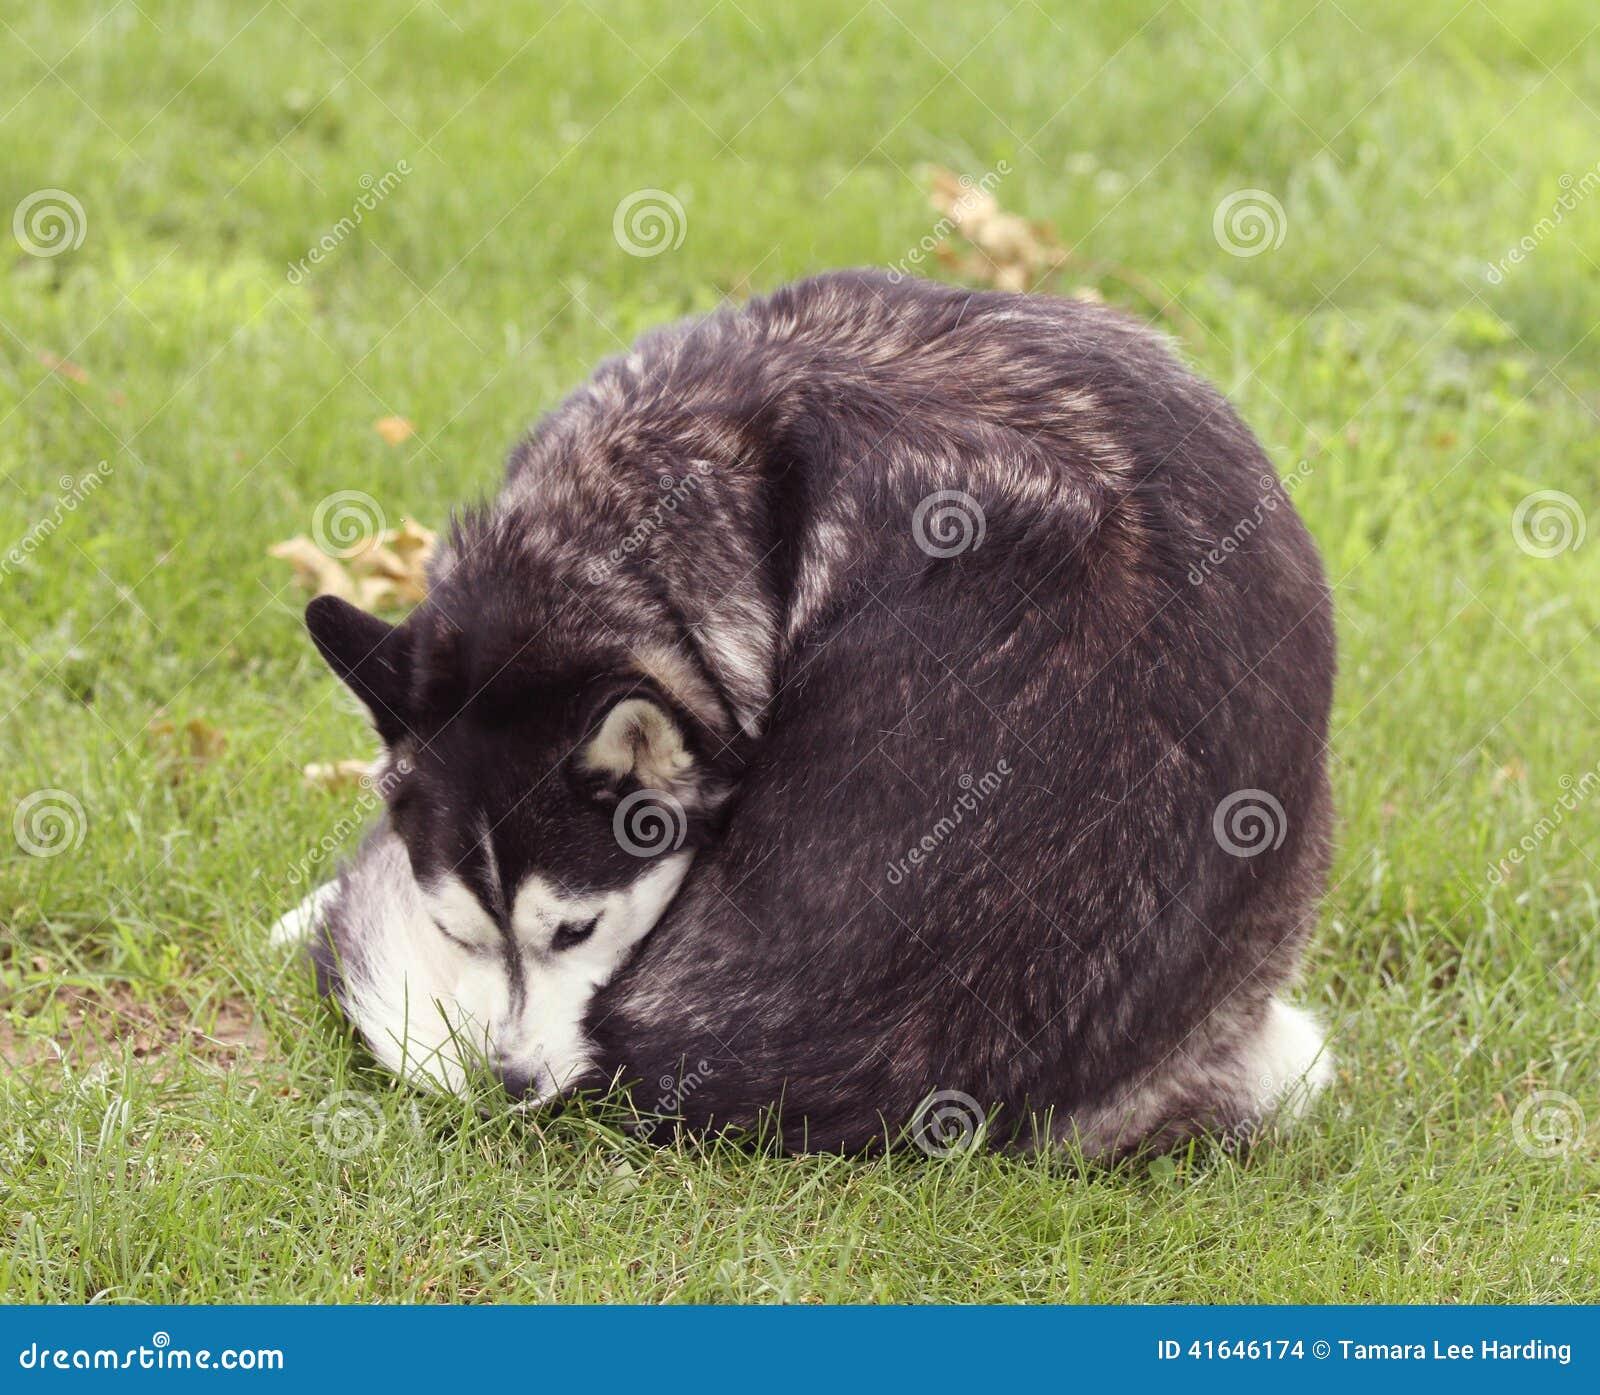 sibirischer husky im gras das sich leckt stockfoto bild 41646174. Black Bedroom Furniture Sets. Home Design Ideas